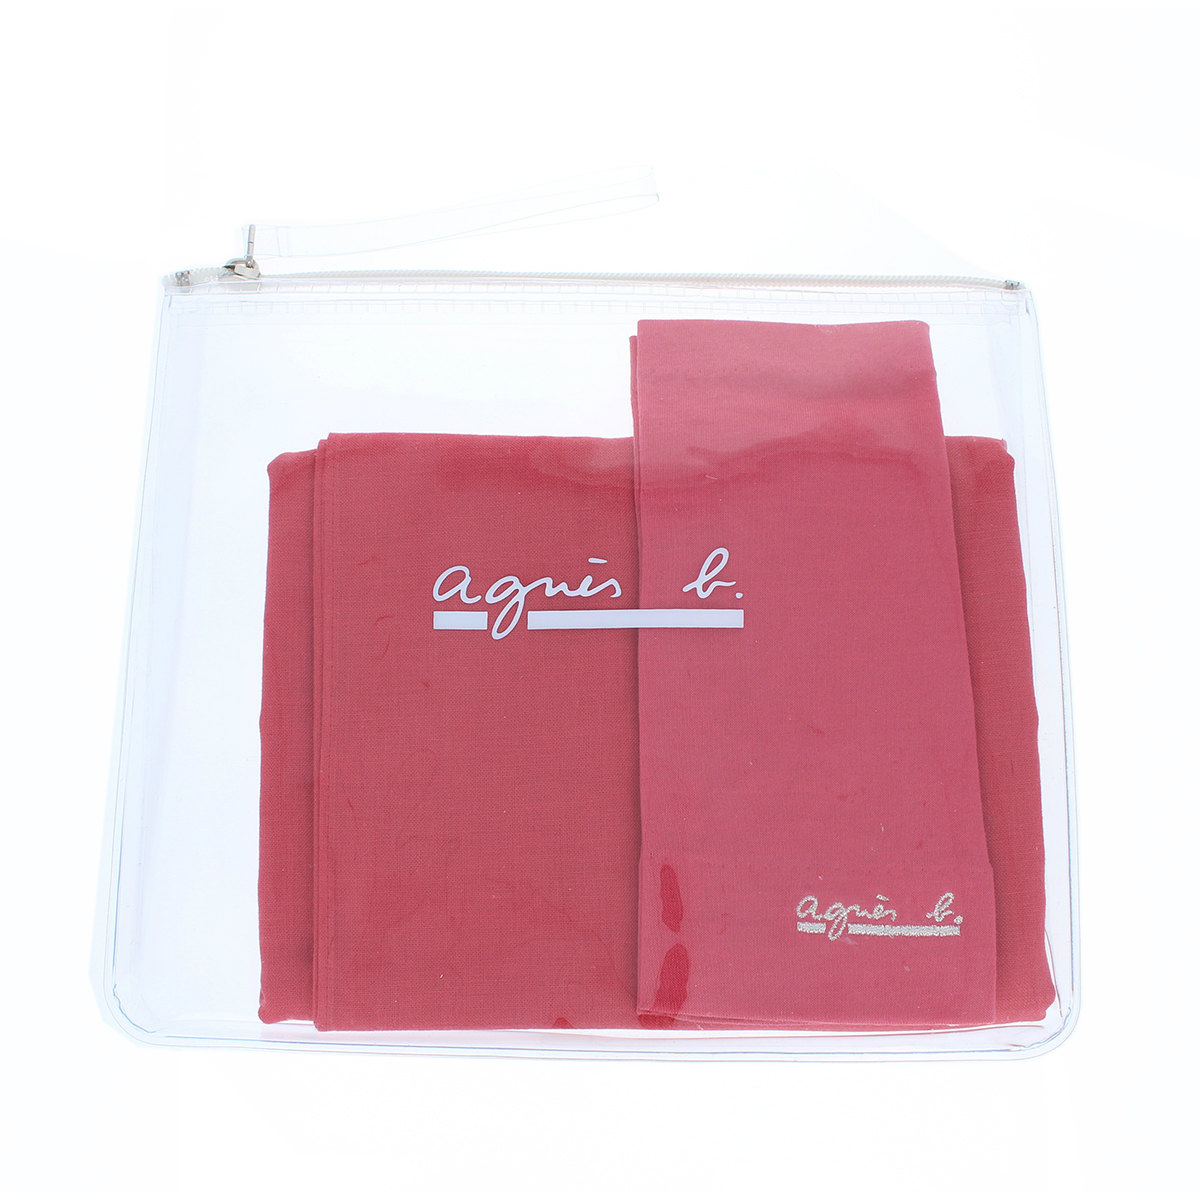 アニエスベー agnes b UVカット UV手袋 UVストール ポーチ付き セット タッチパネル スマホ対応 指なし ショート丈 18cm プレゼント プレゼント